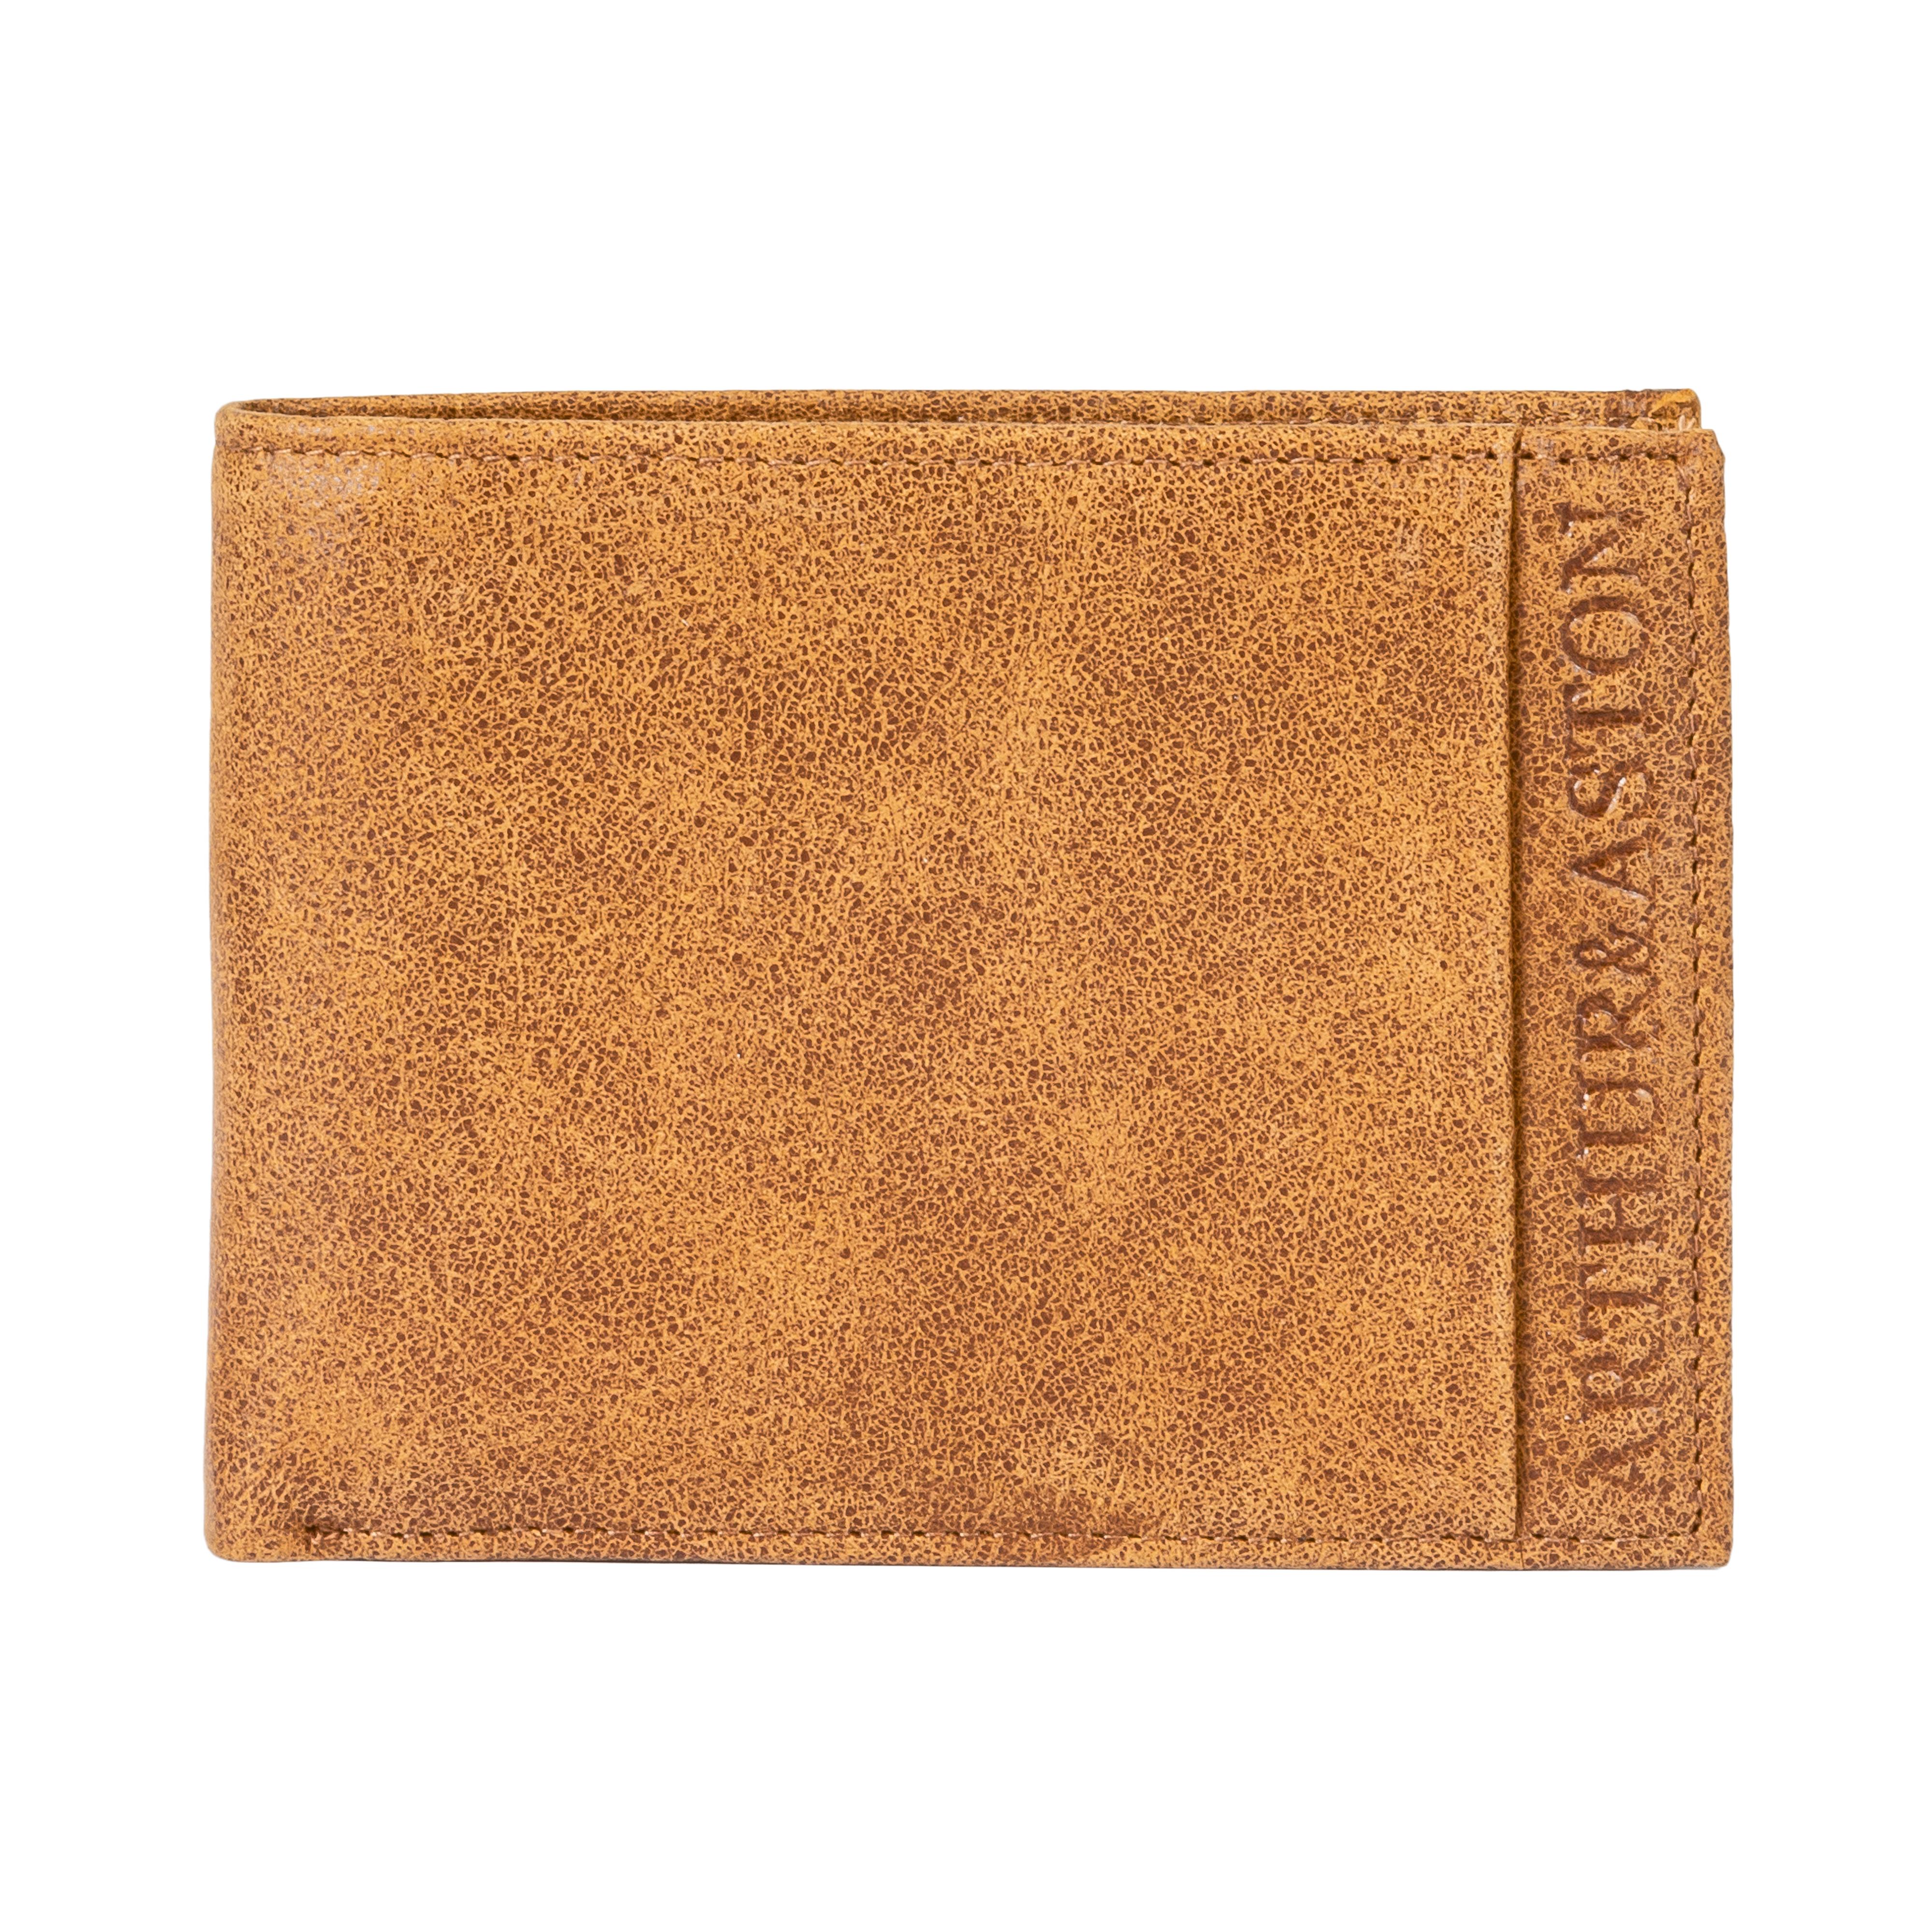 Portefeuille italien 3 volets arthur & aston en cuir de vachette marron